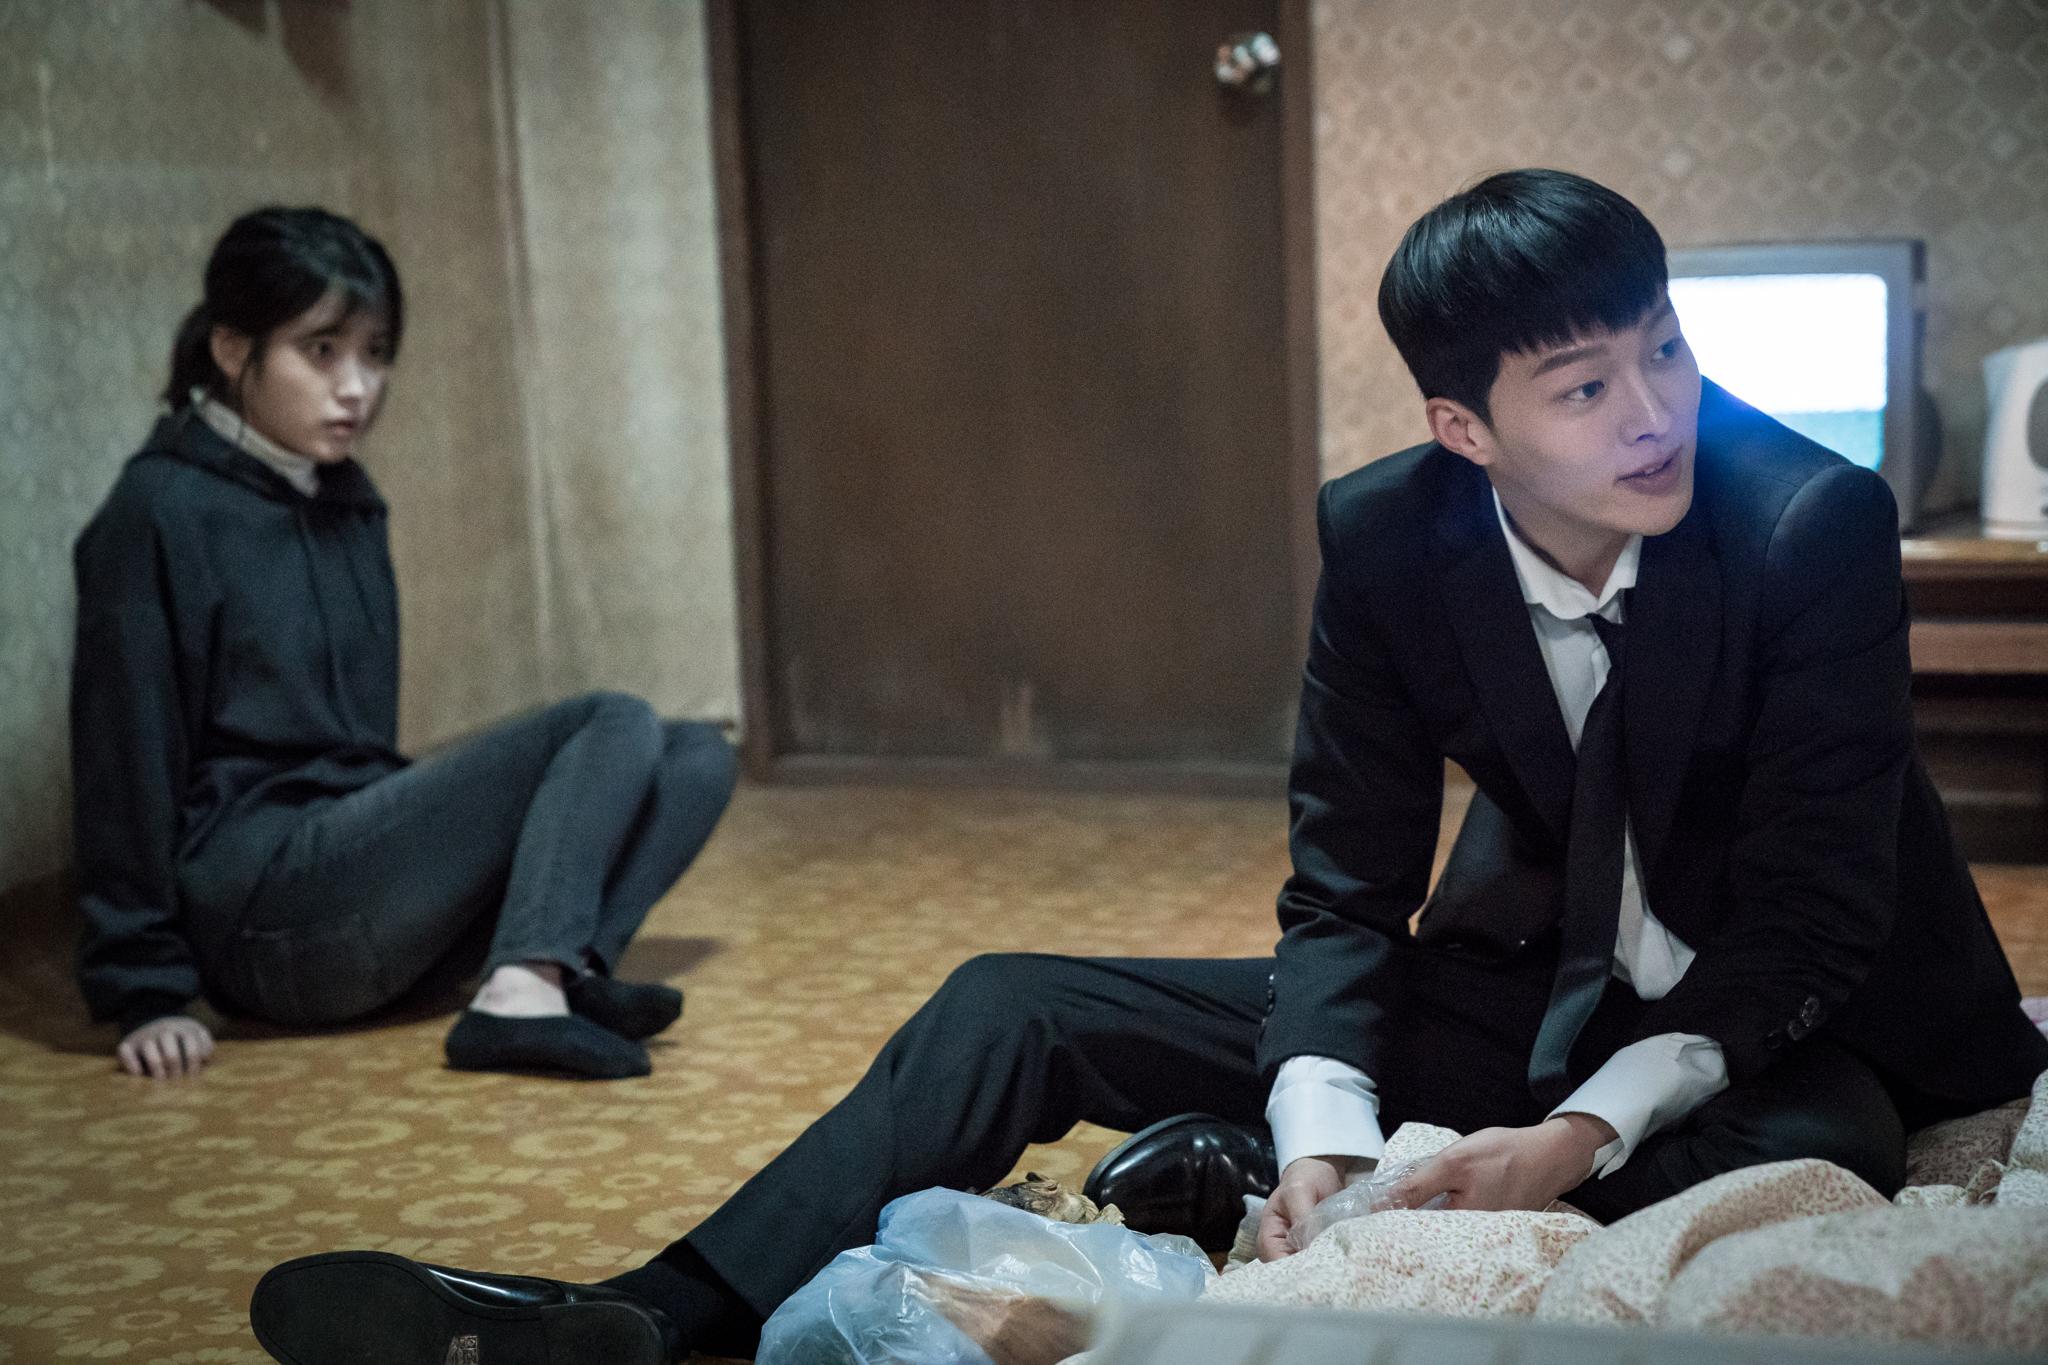 これぞ人生ドラマ、「私のおじさん」のイ・ジウン(IU)さん&イ・ソンギュンさんインタビュー_1_4